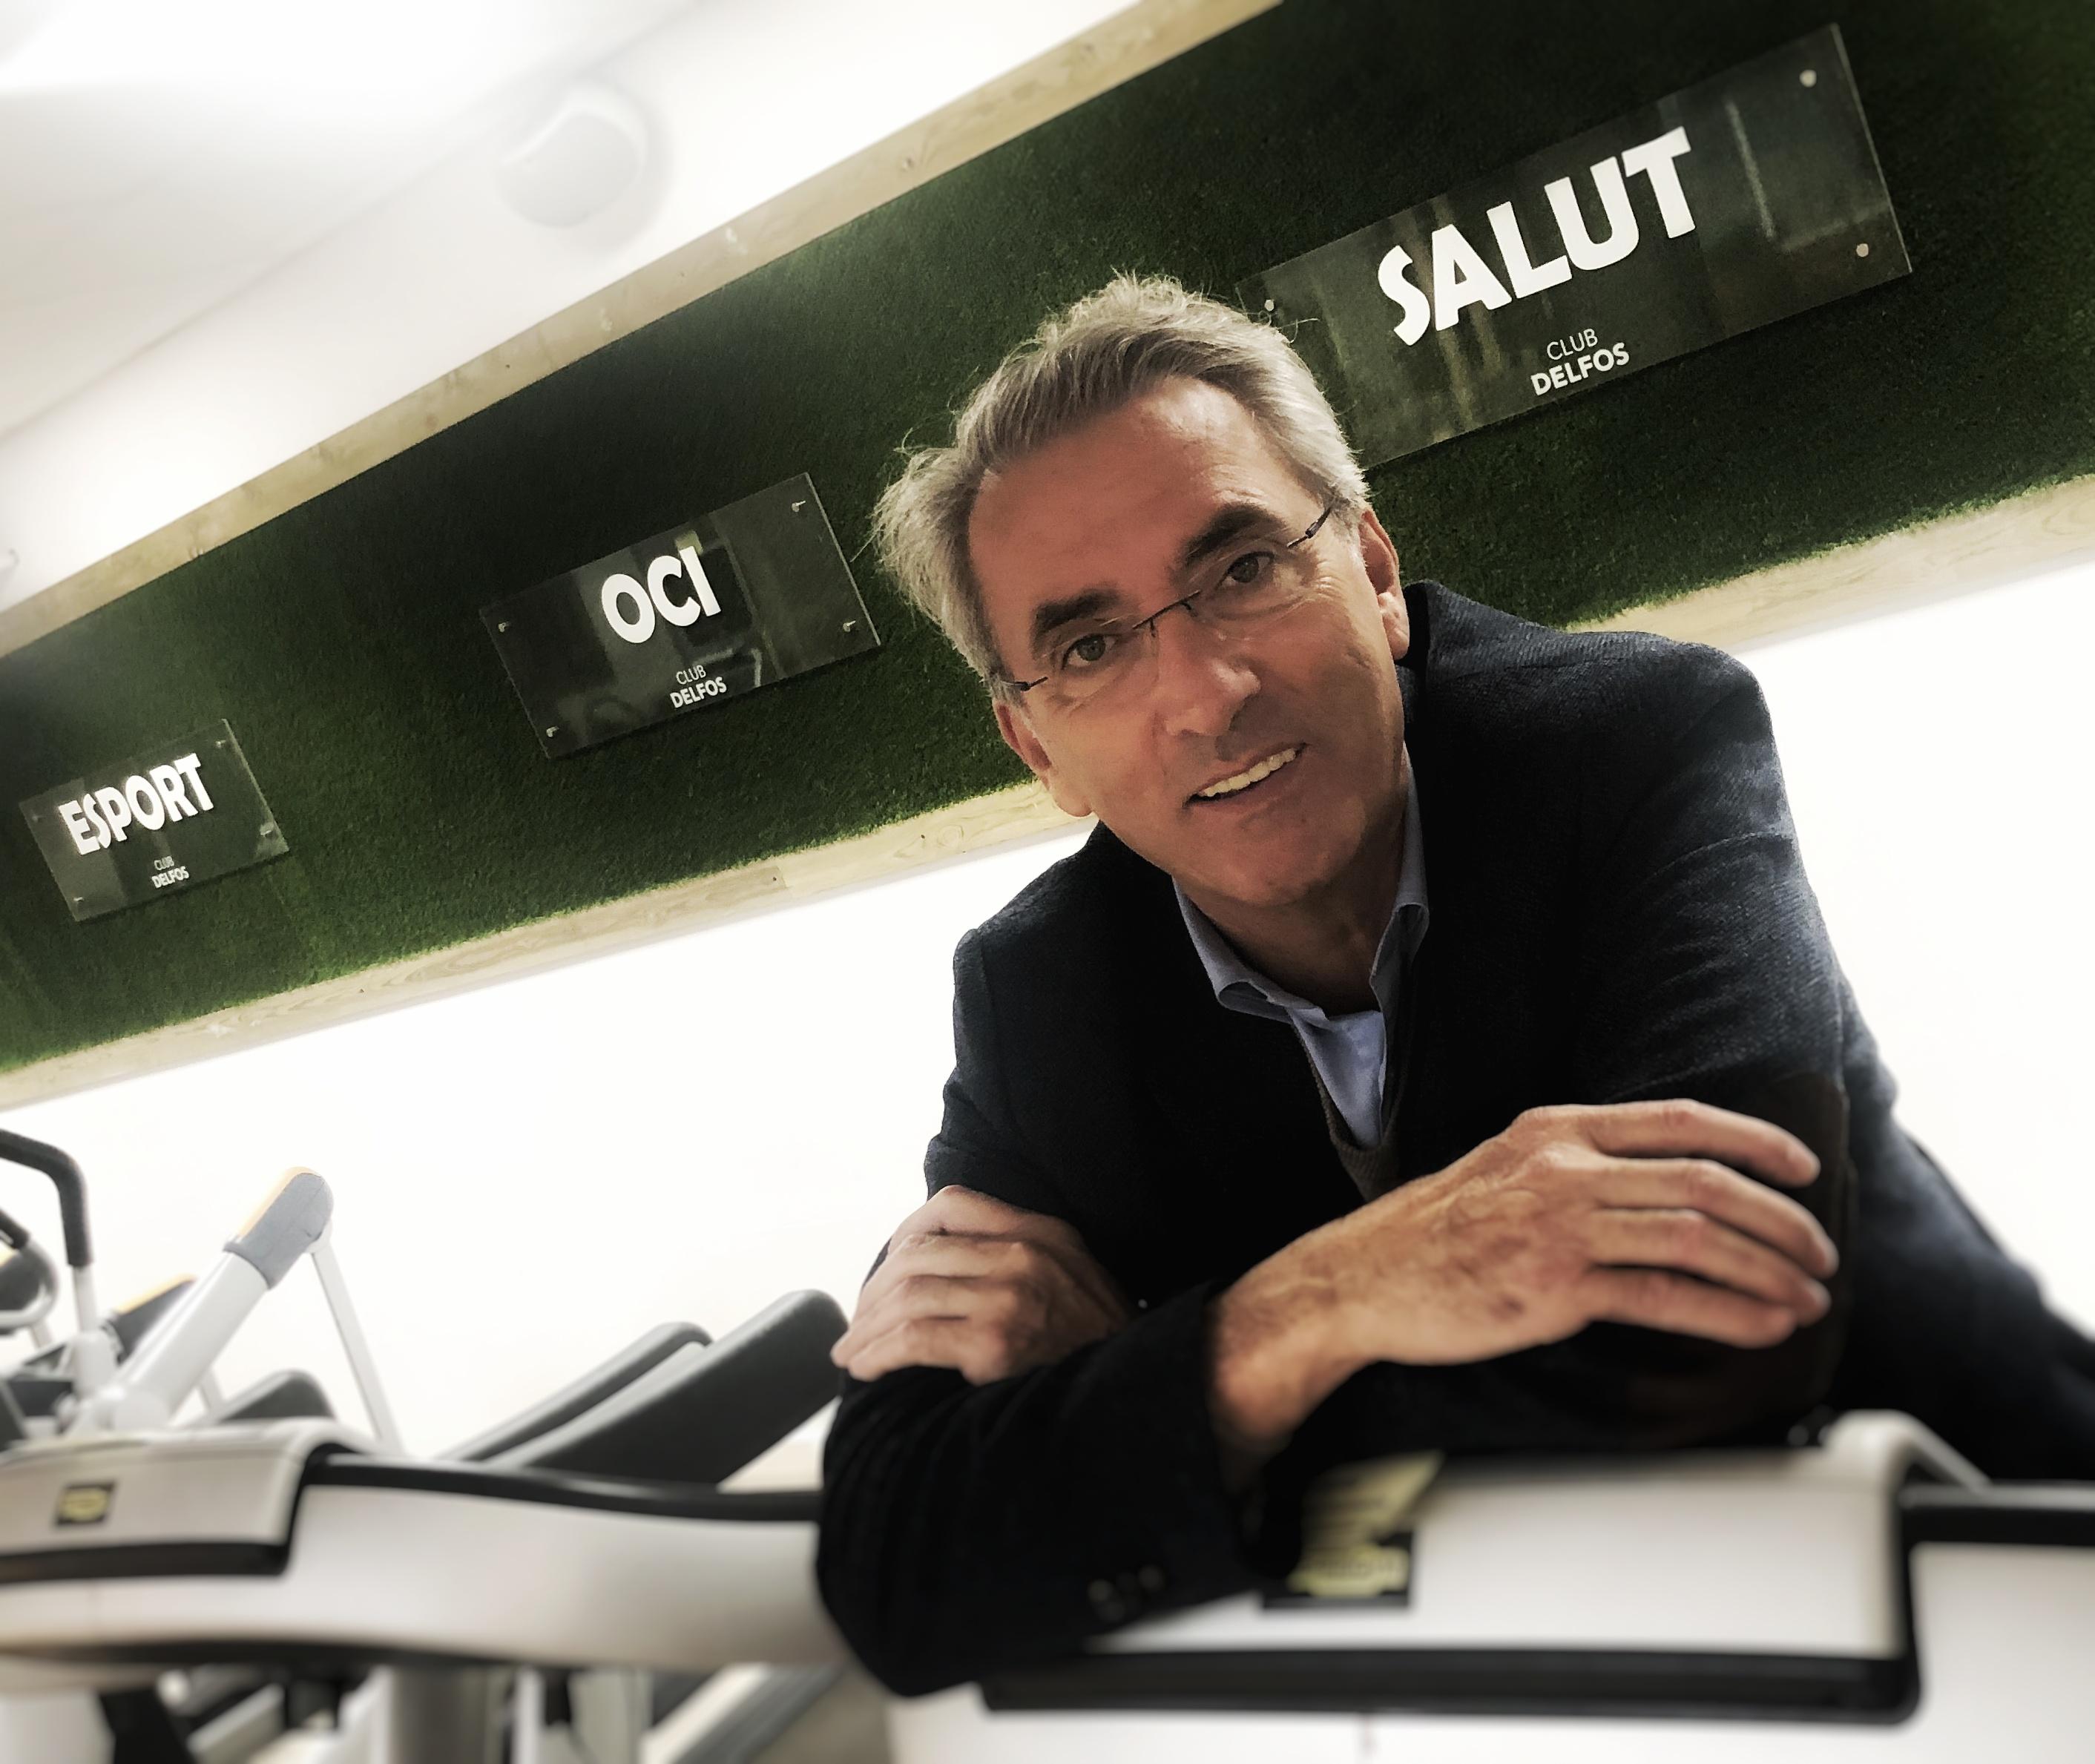 Club Delfos crece un 11% en 2019 y anuncia mejoras en 2020